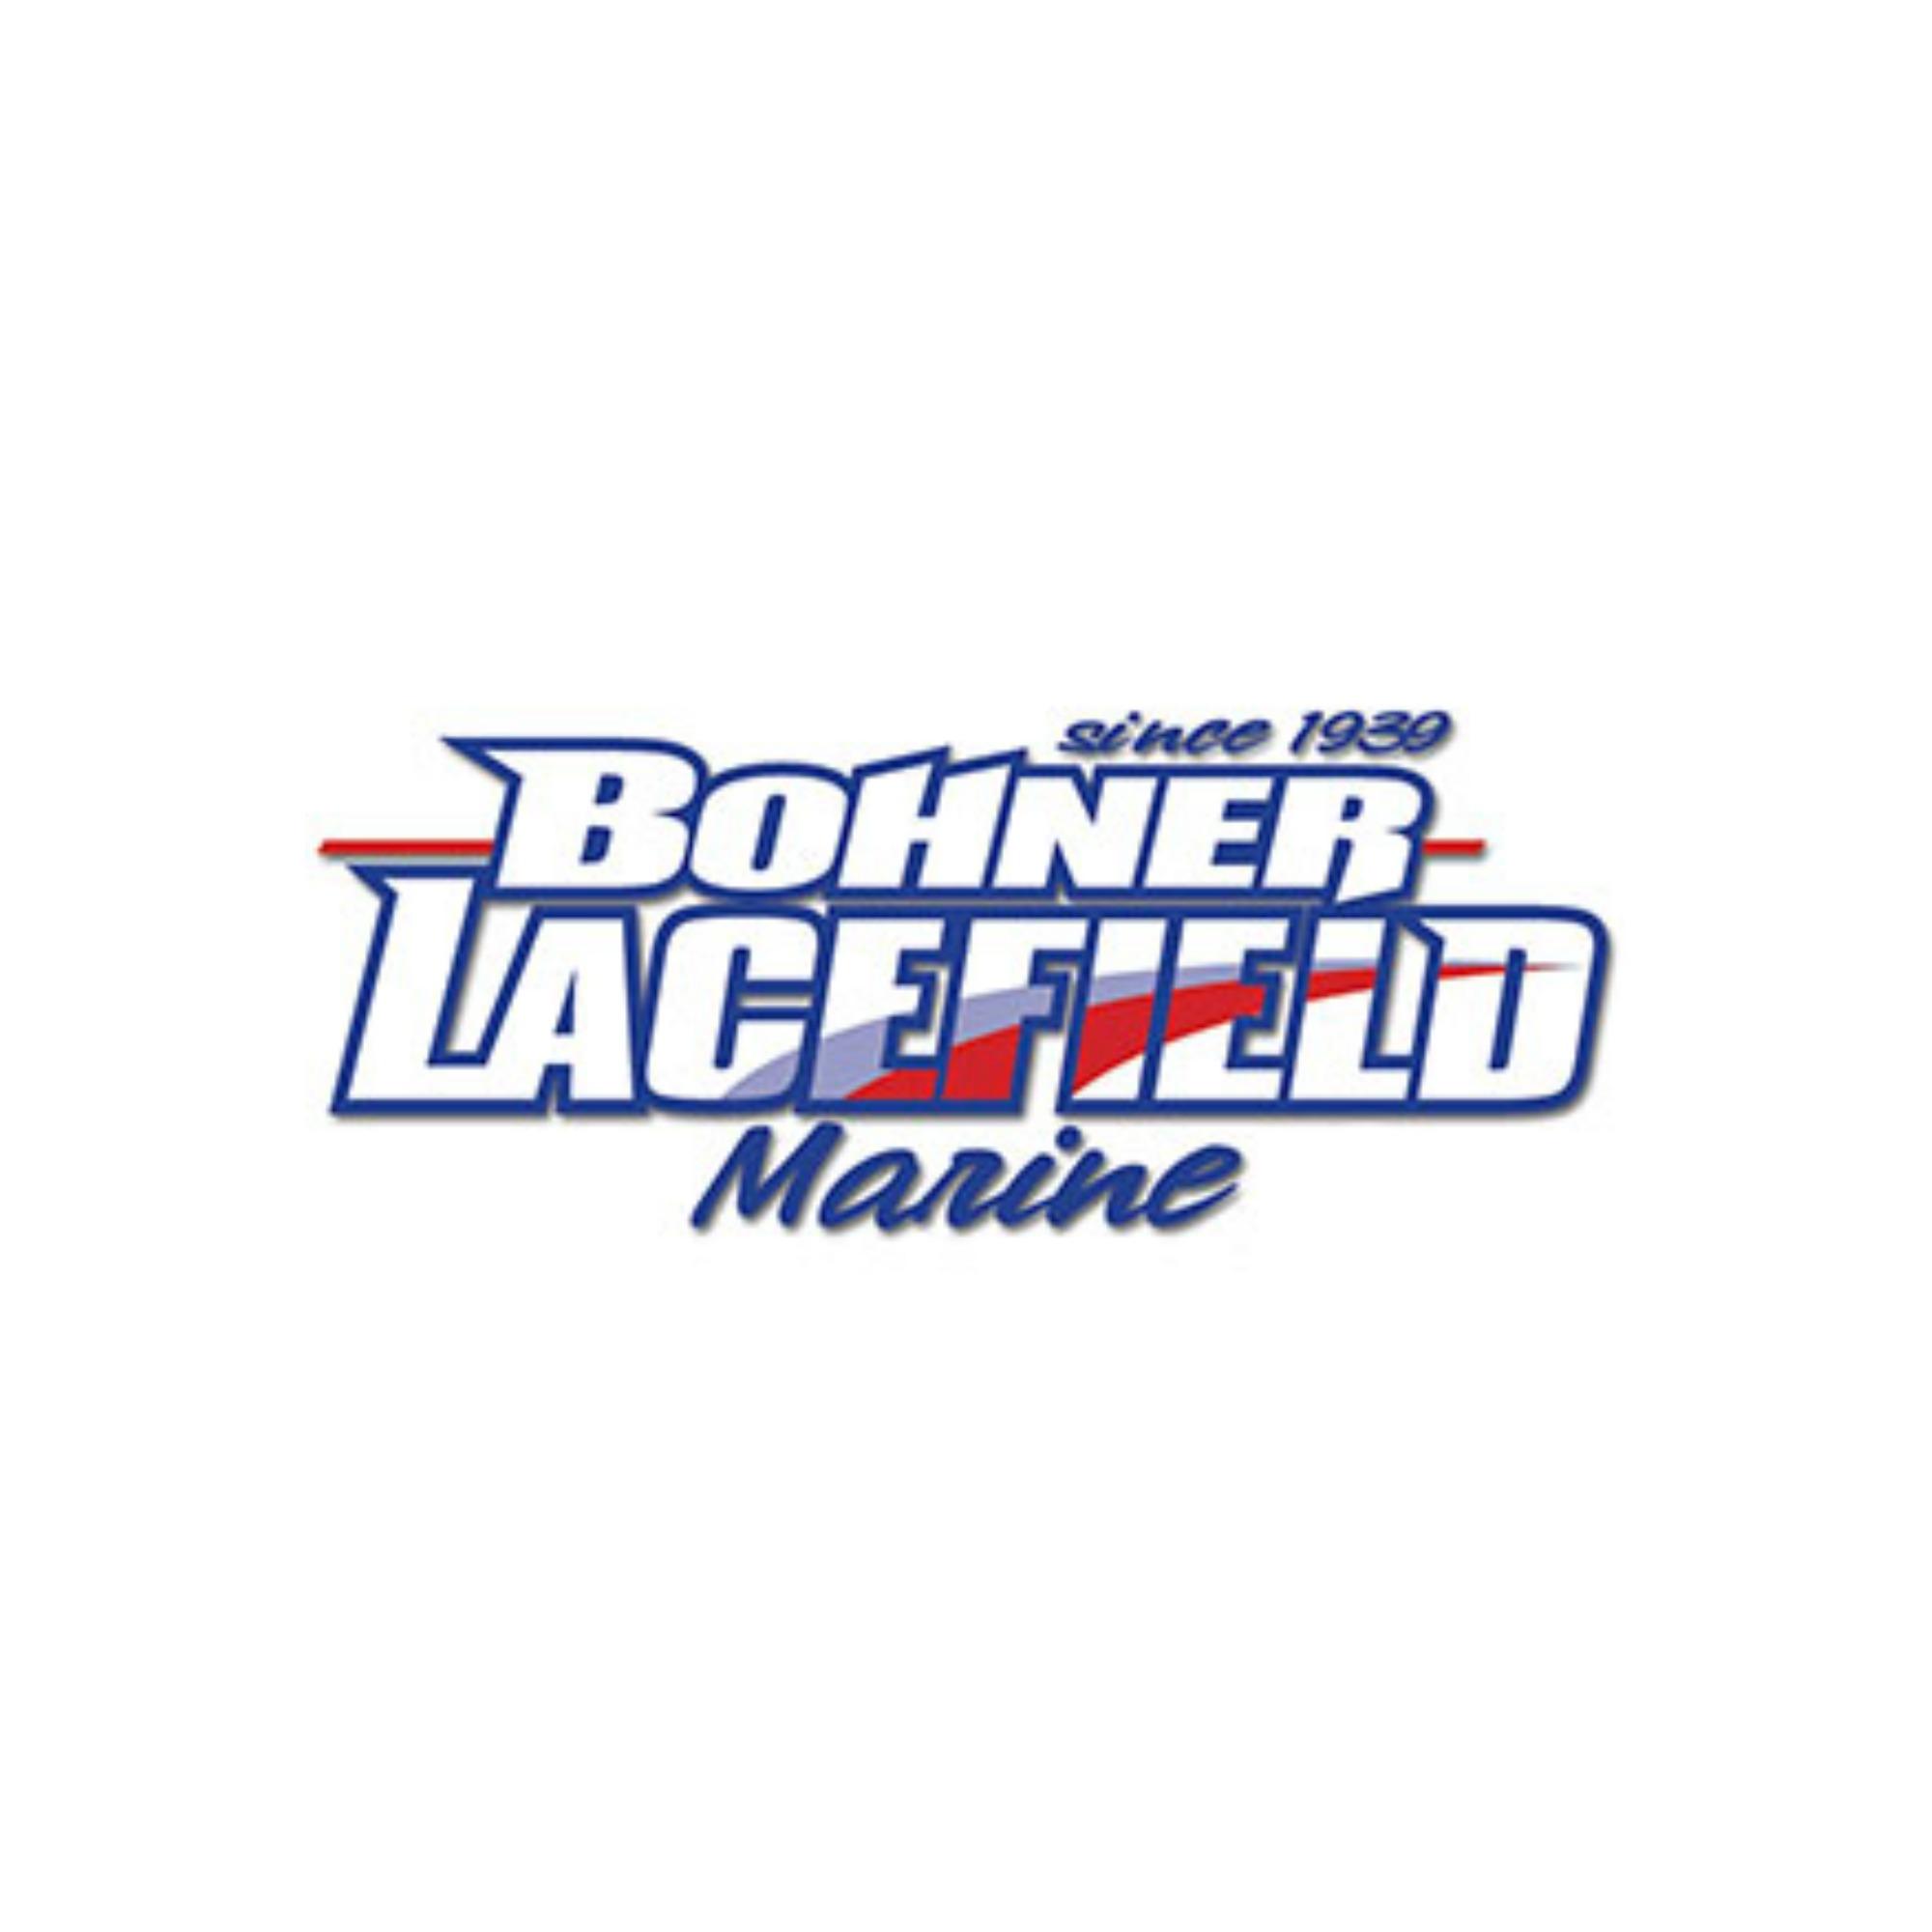 Bohner Lacefield Marine - Black Owned